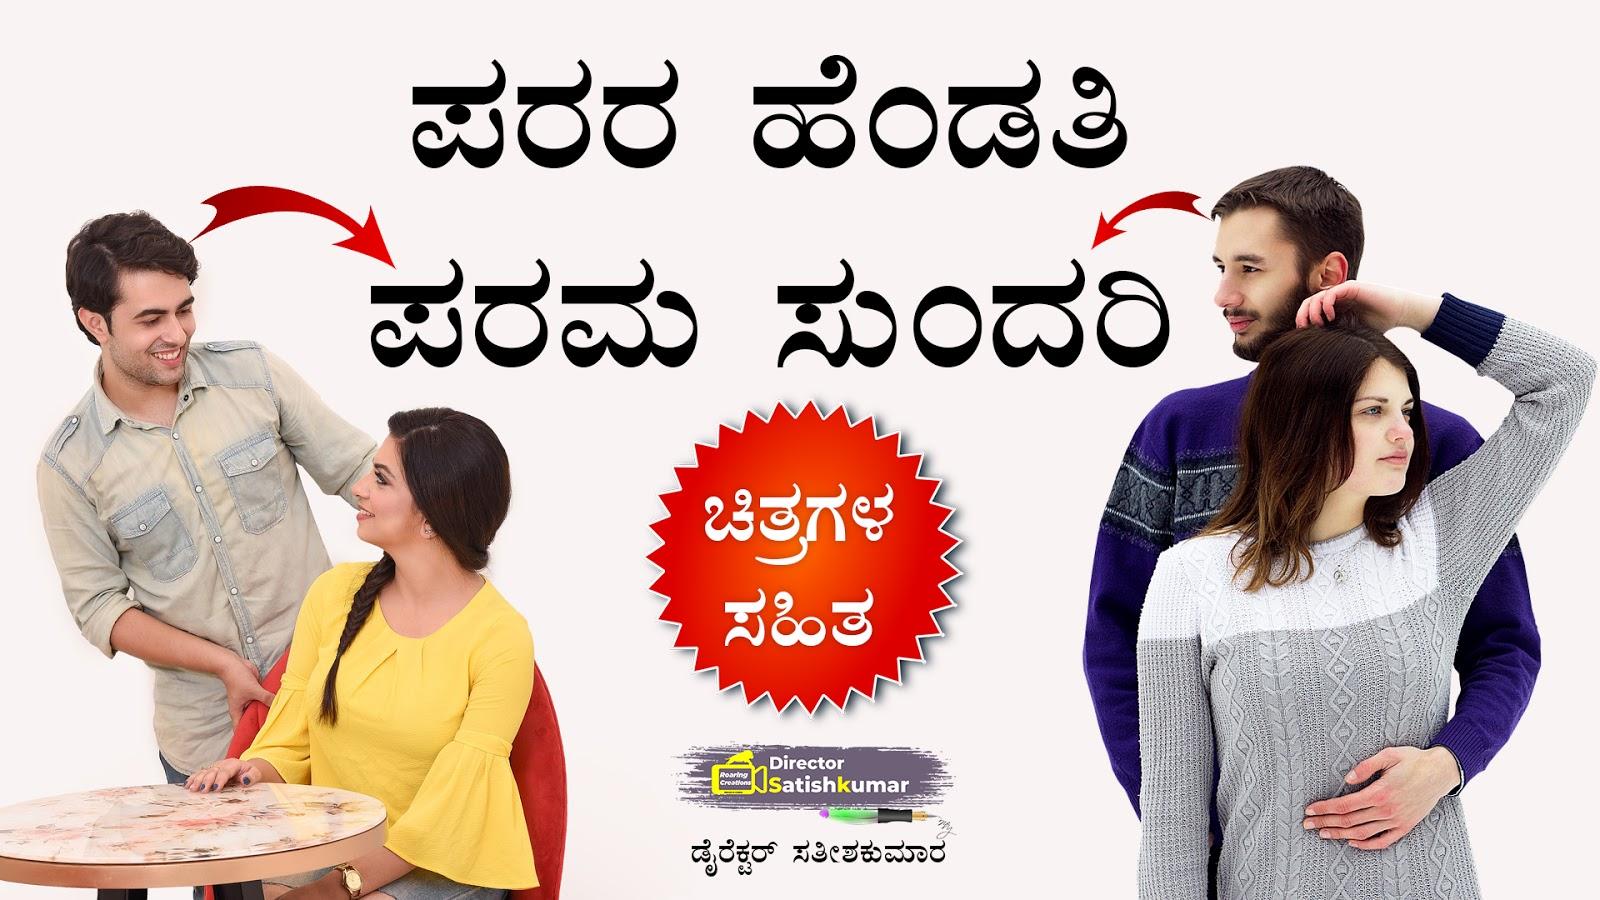 ಪರರ ಹೆಂಡತಿ ಪರಮ ಸುಂದರಿ  - Romantic Life Story of Cute Couples in Kannada